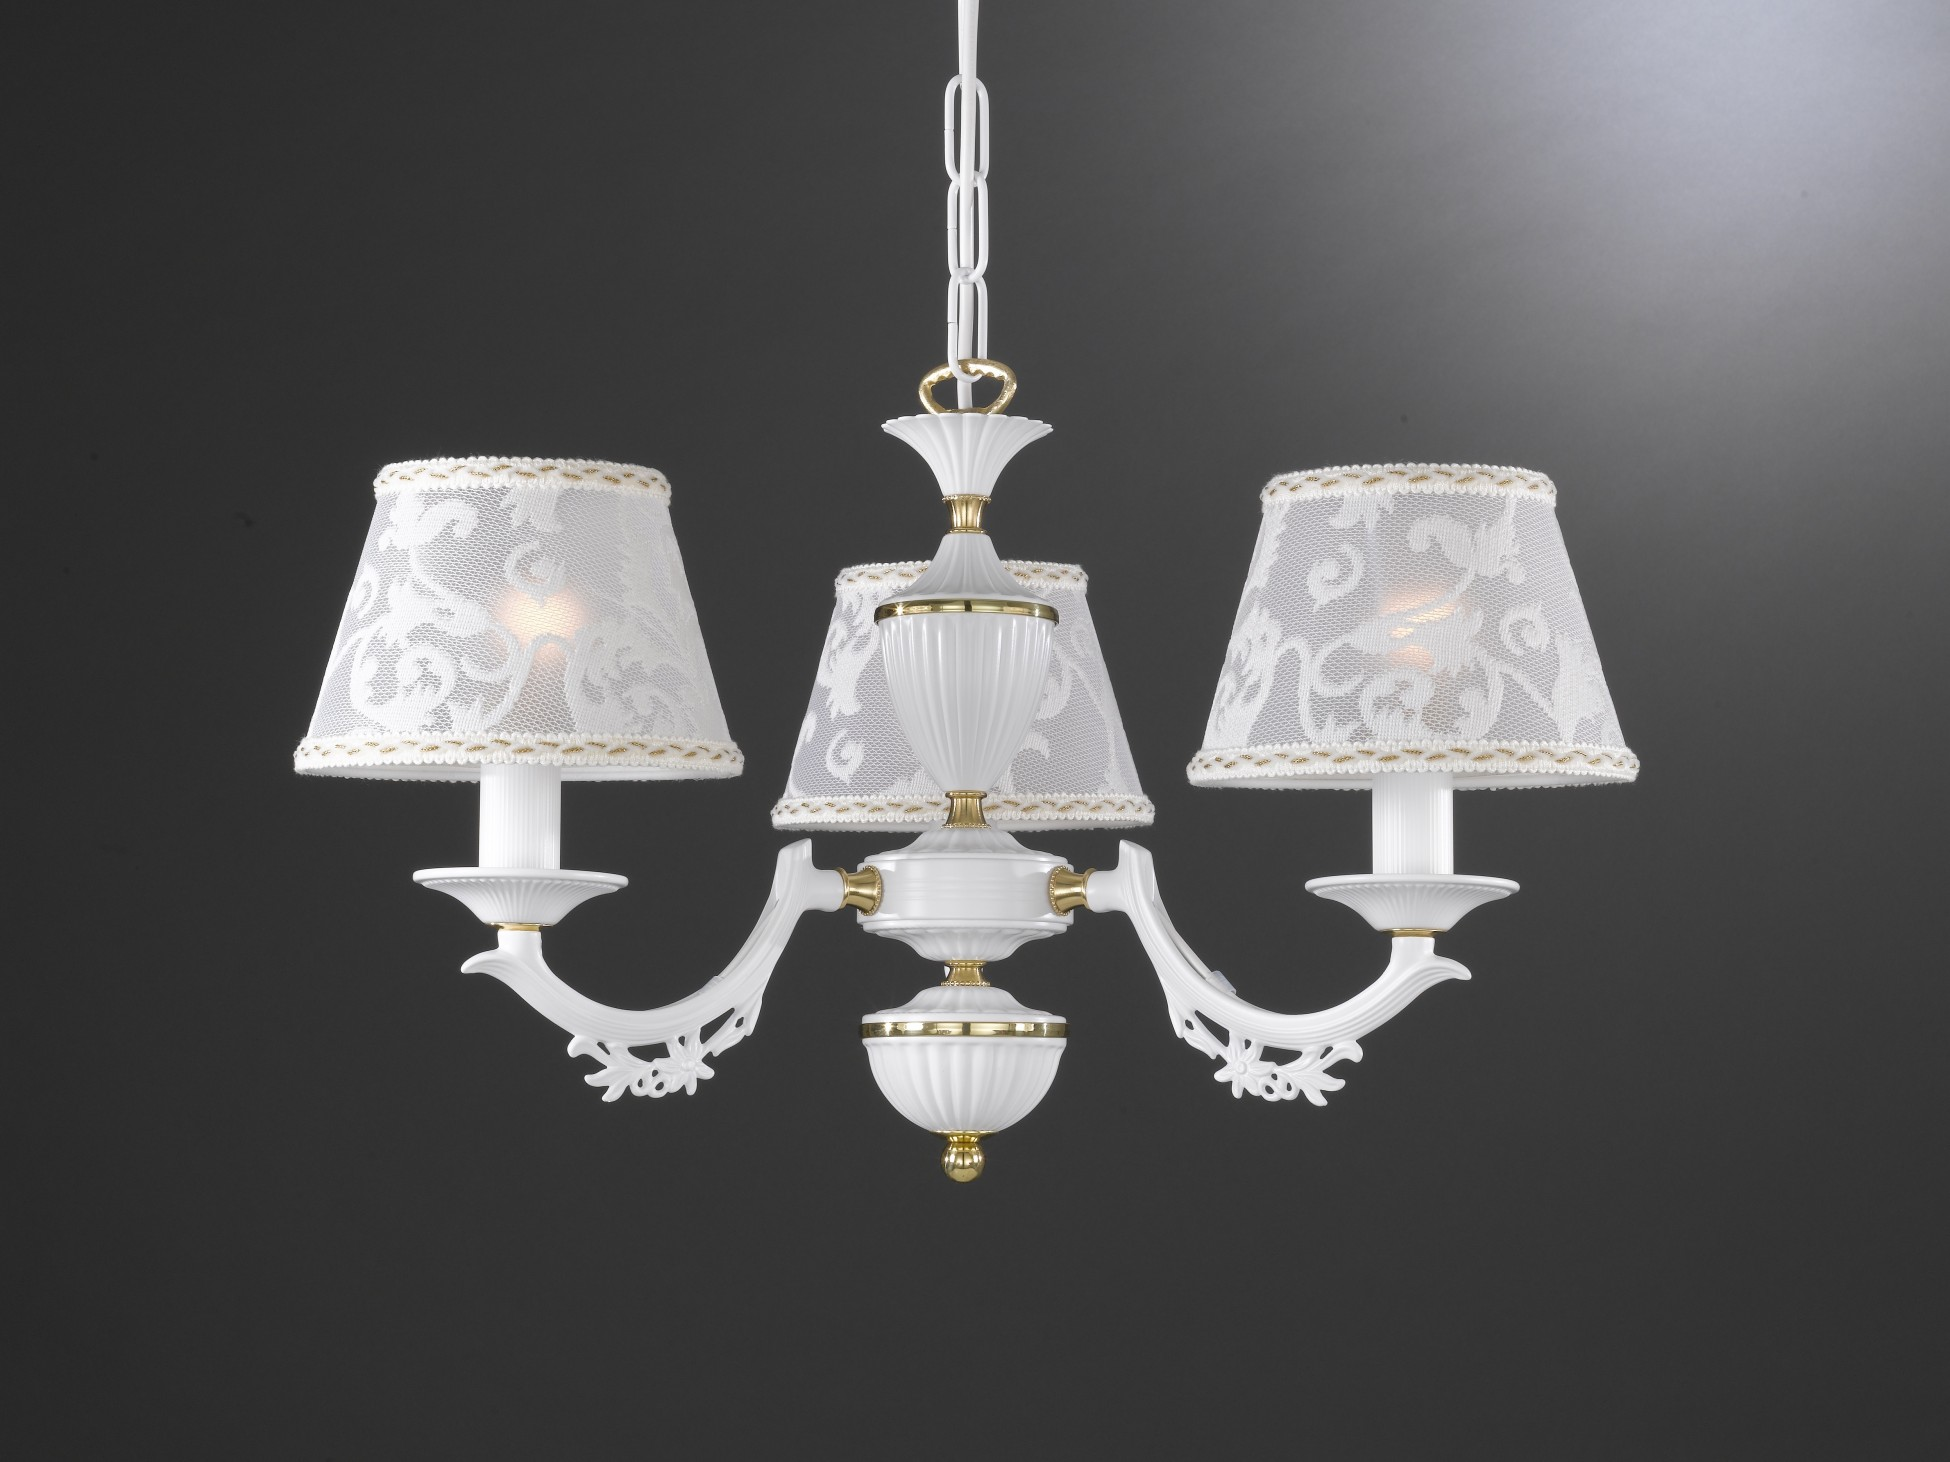 Lampadario in ottone bianco opaco con paralumi a luci reccagni